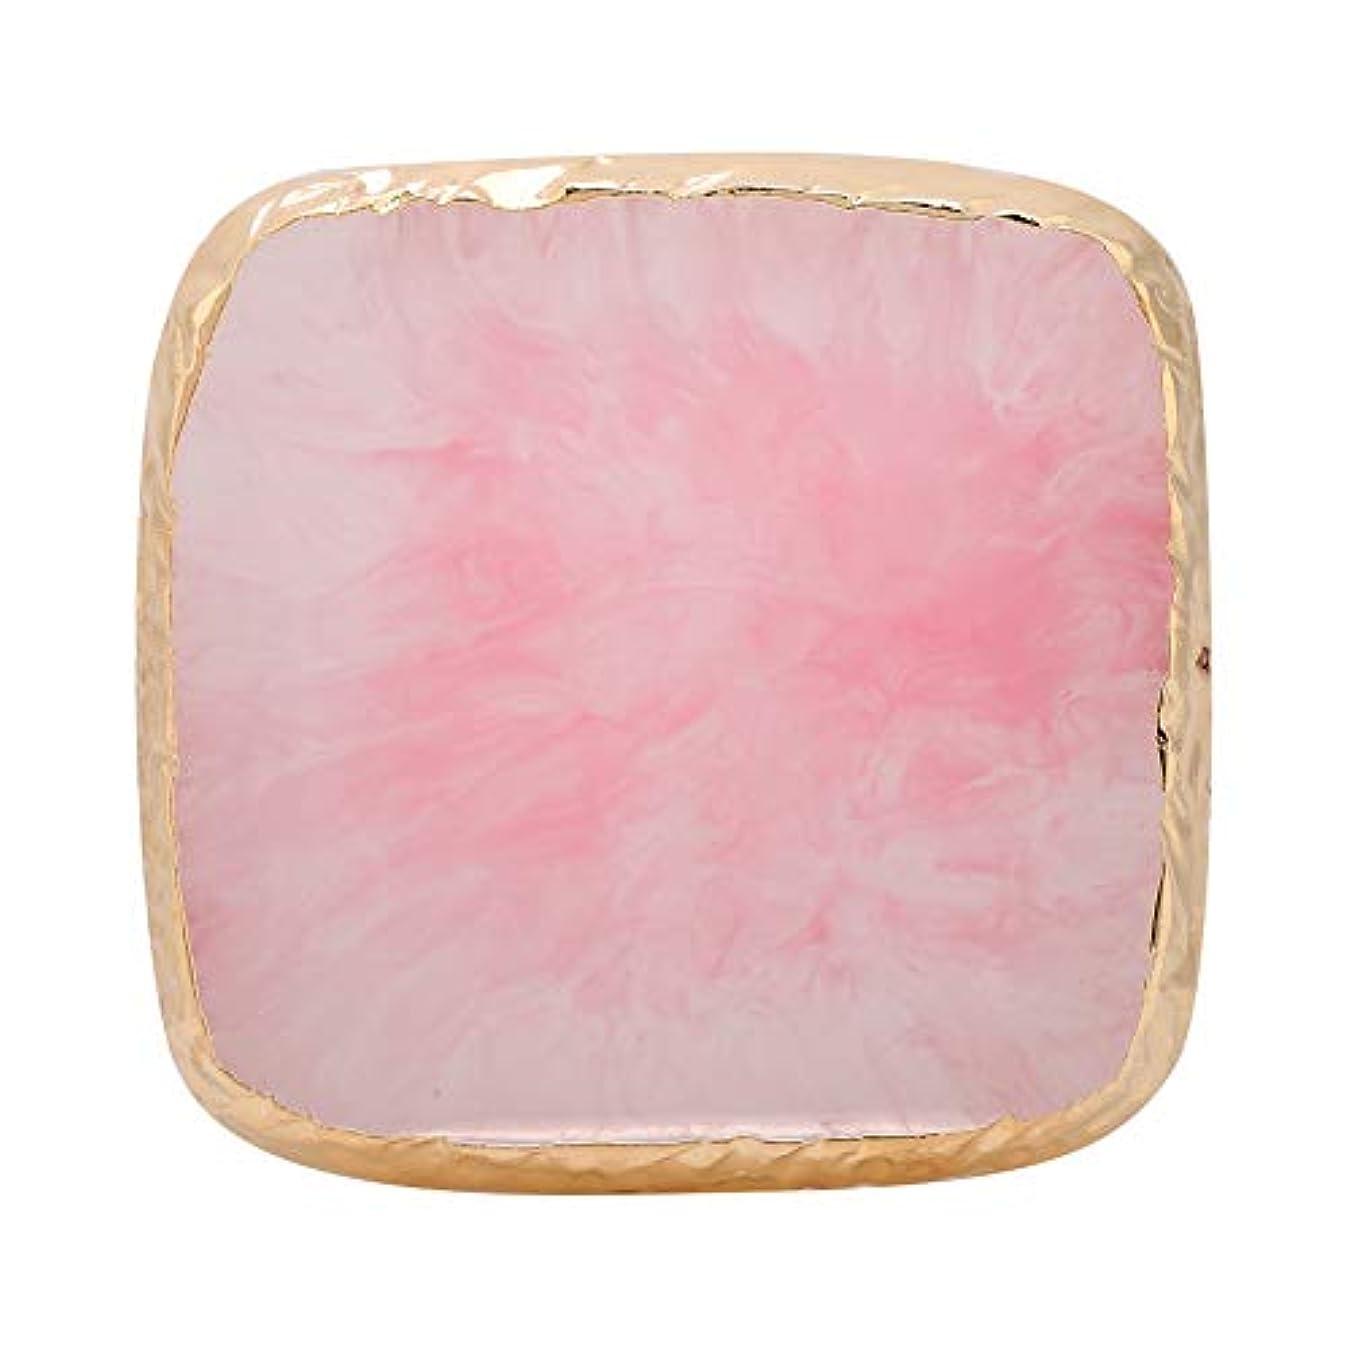 バスドットトラックネイルアートディスプレイスタンド 樹脂 ネイルアートジェル ディスプレイホルダー ネイルアートツール サロン アクセサリー ネイルポリッシュカラー (ピンク)